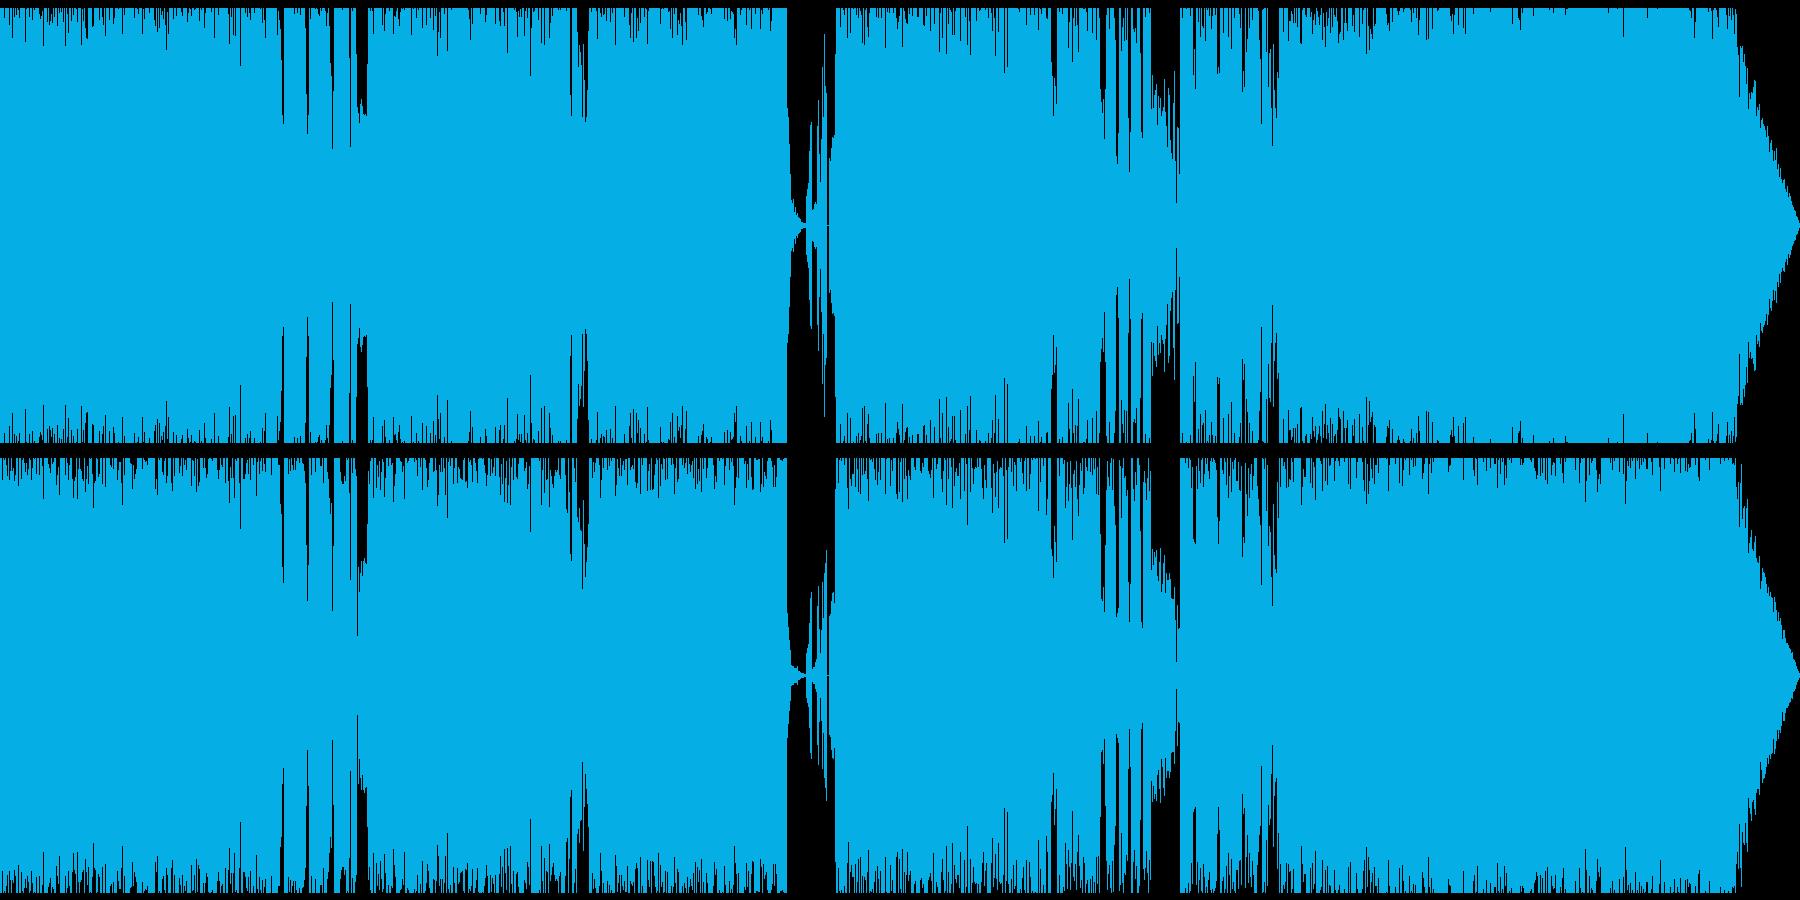 ノイジーなオルタナミディアムロックの再生済みの波形